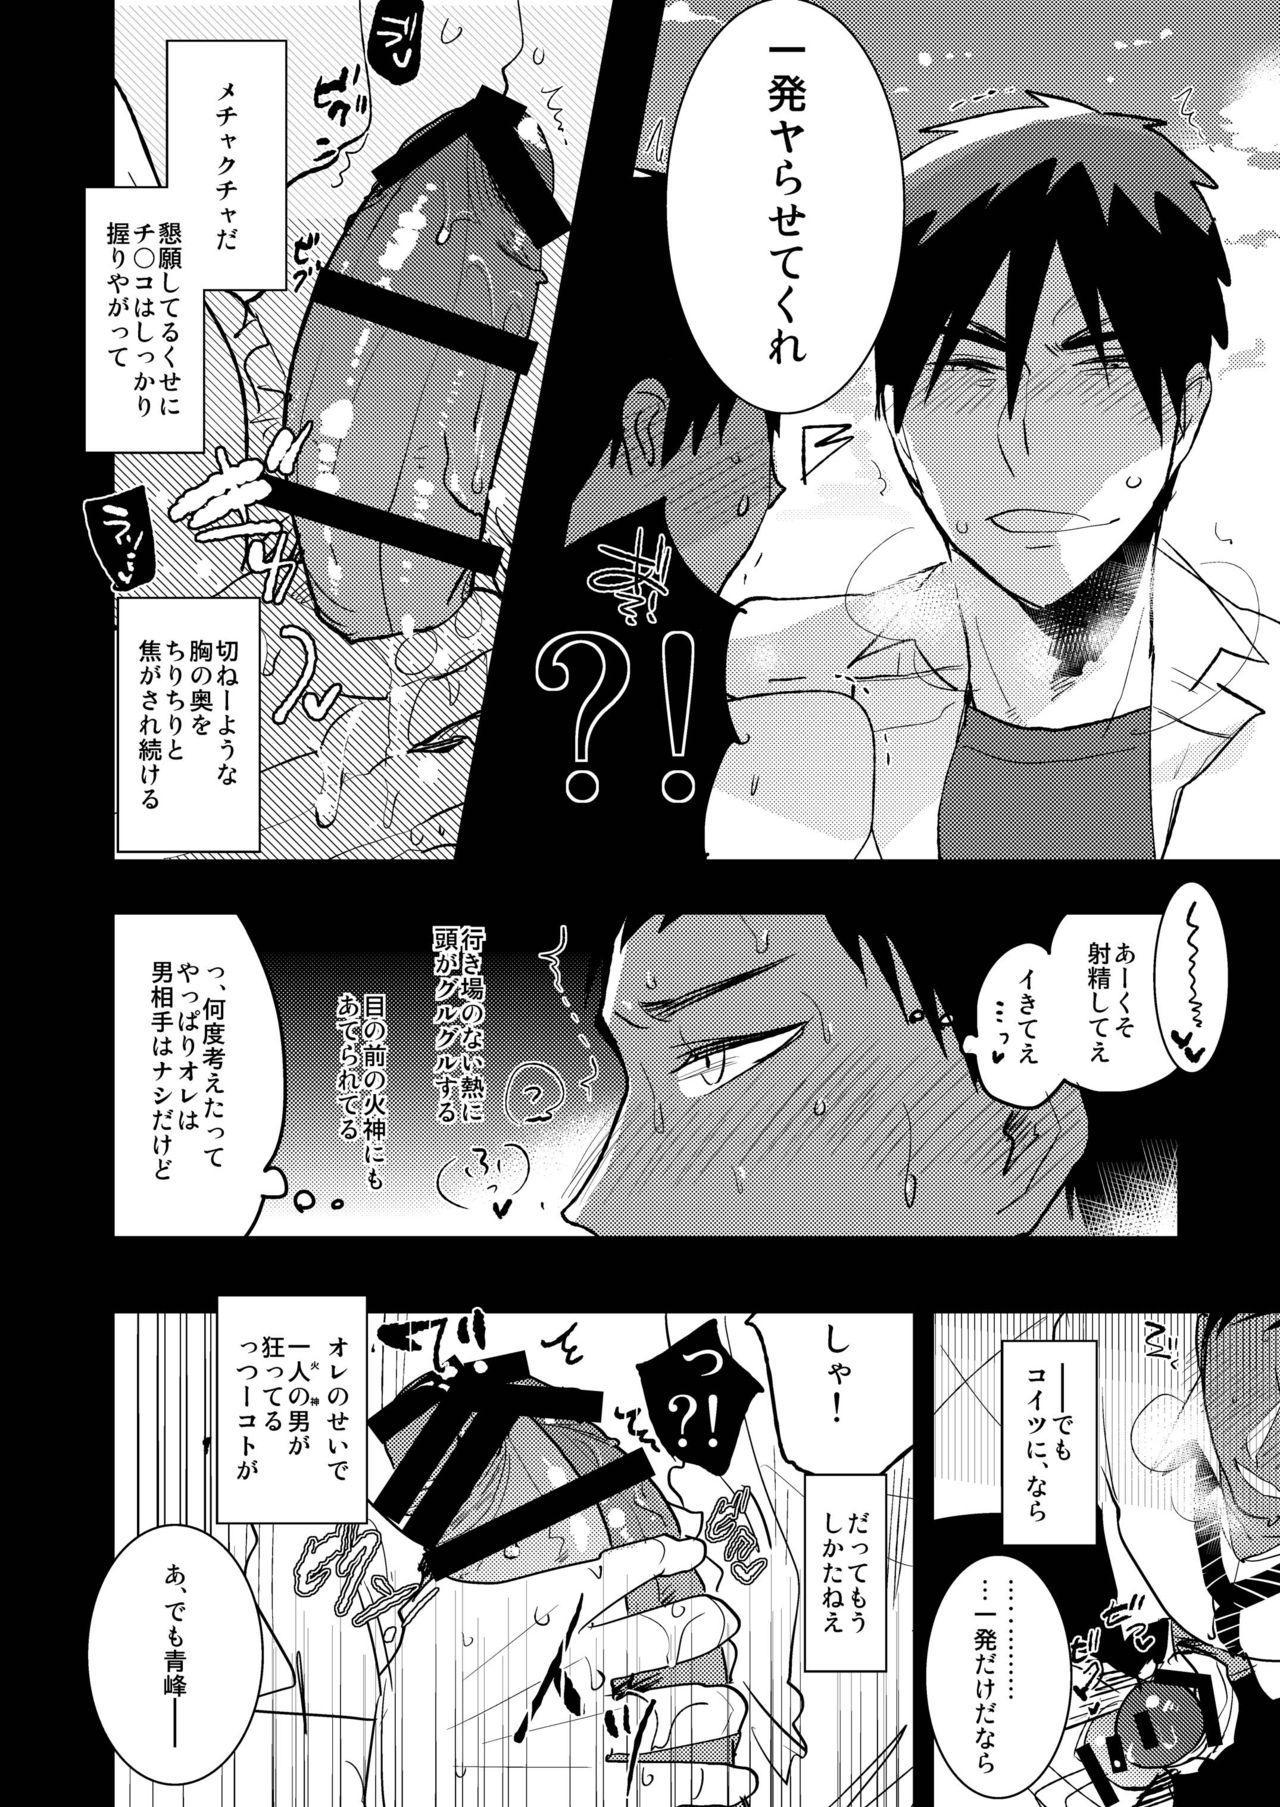 Kagami-kun no Ero hon 9 Ippatsuyara Sete Kure! 12